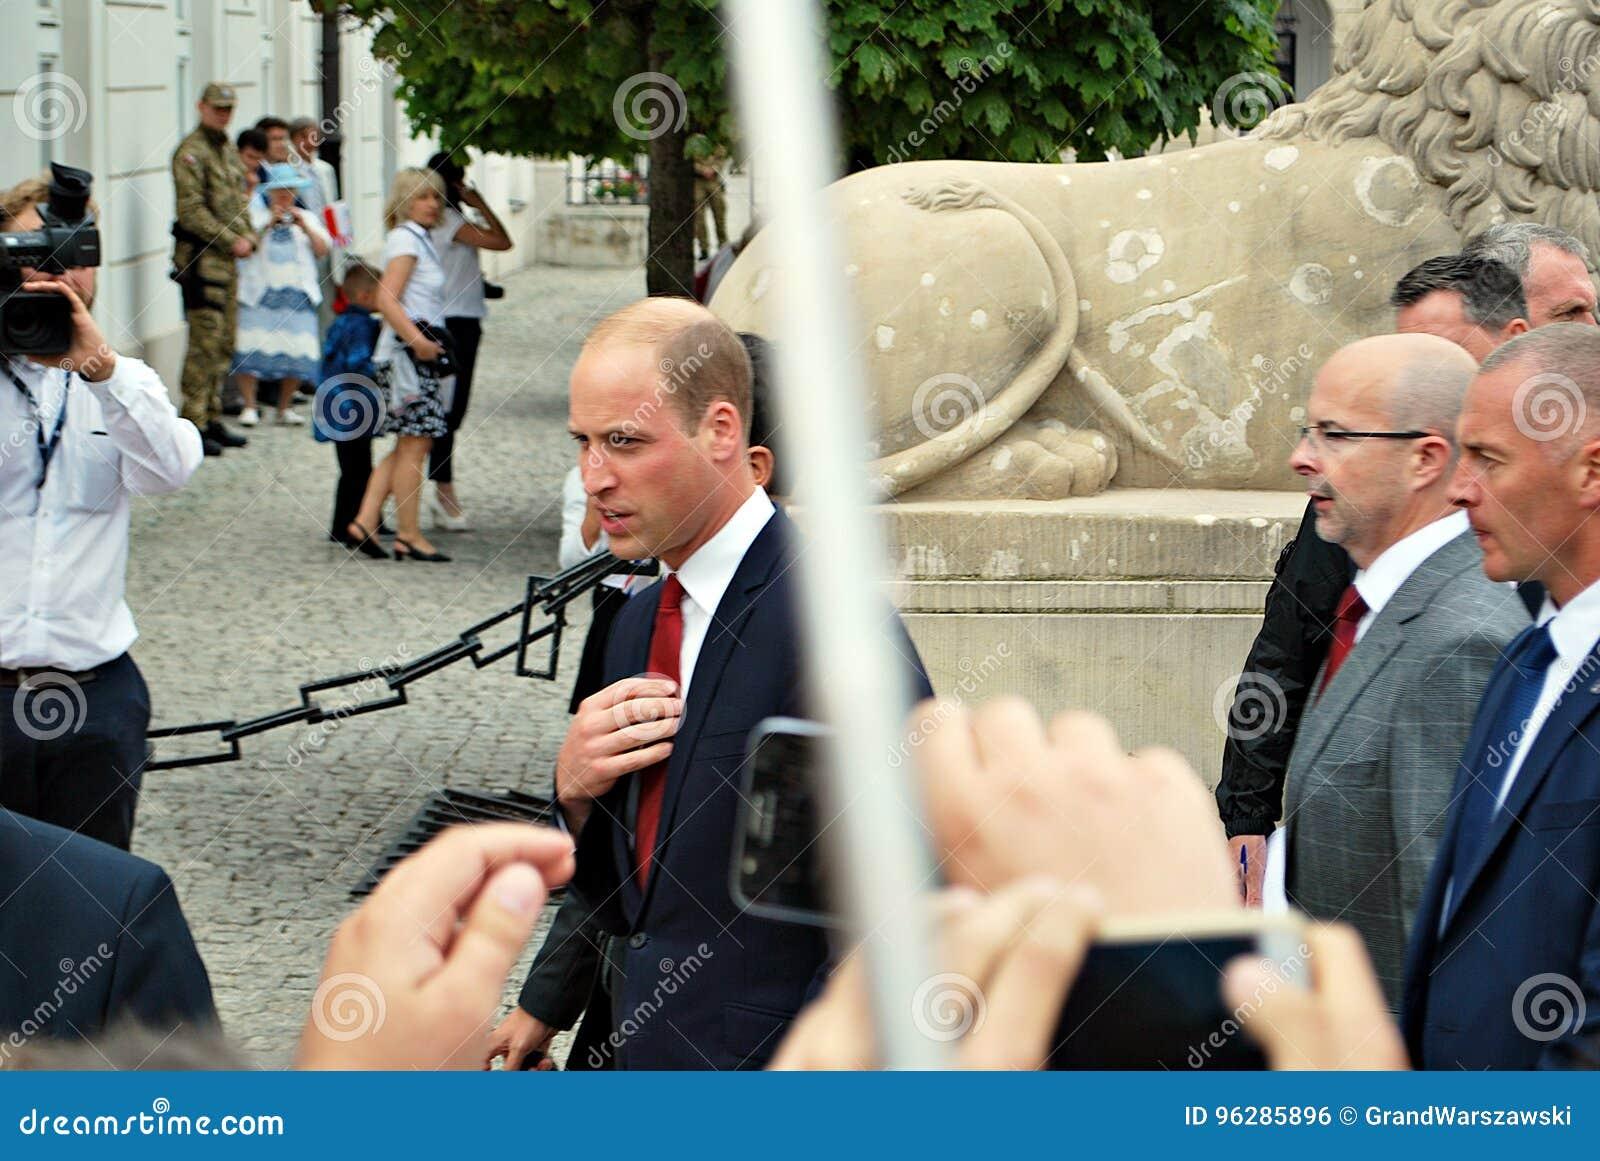 Książe William wśród tłoczy się w Warszawa